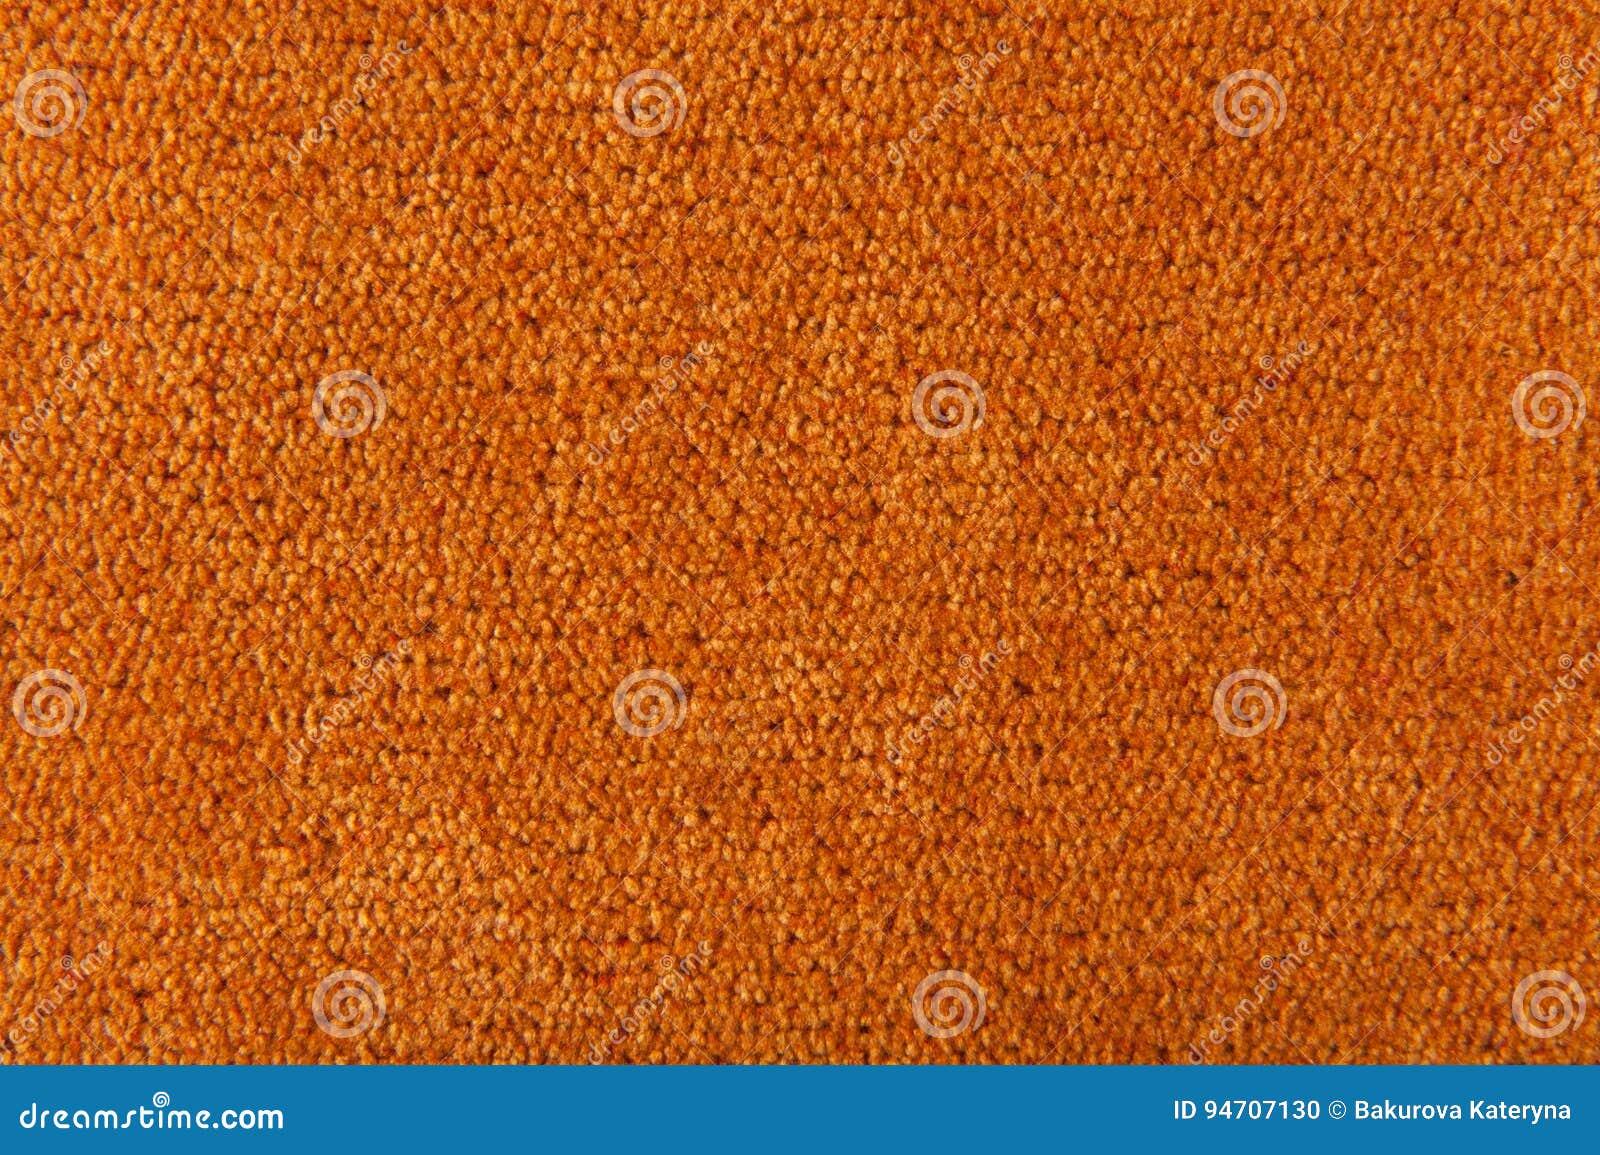 Fabric texture orange carpeting